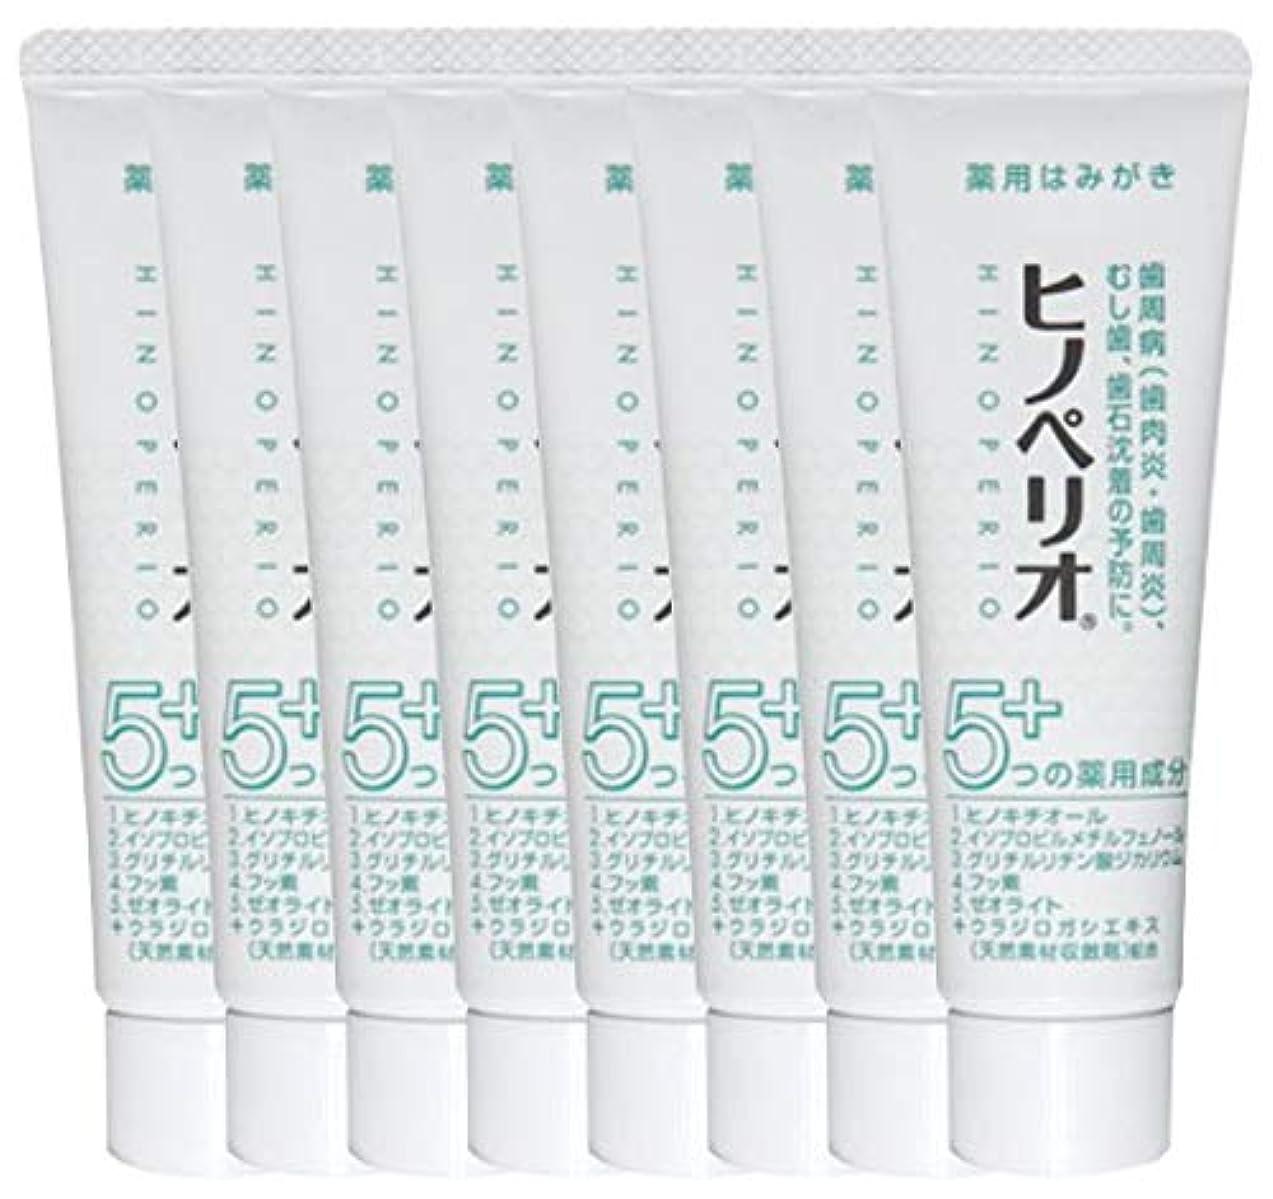 恥ずかしさ外国人アカウント昭和薬品 ヒノペリオ60g 医薬部外品 × 8本